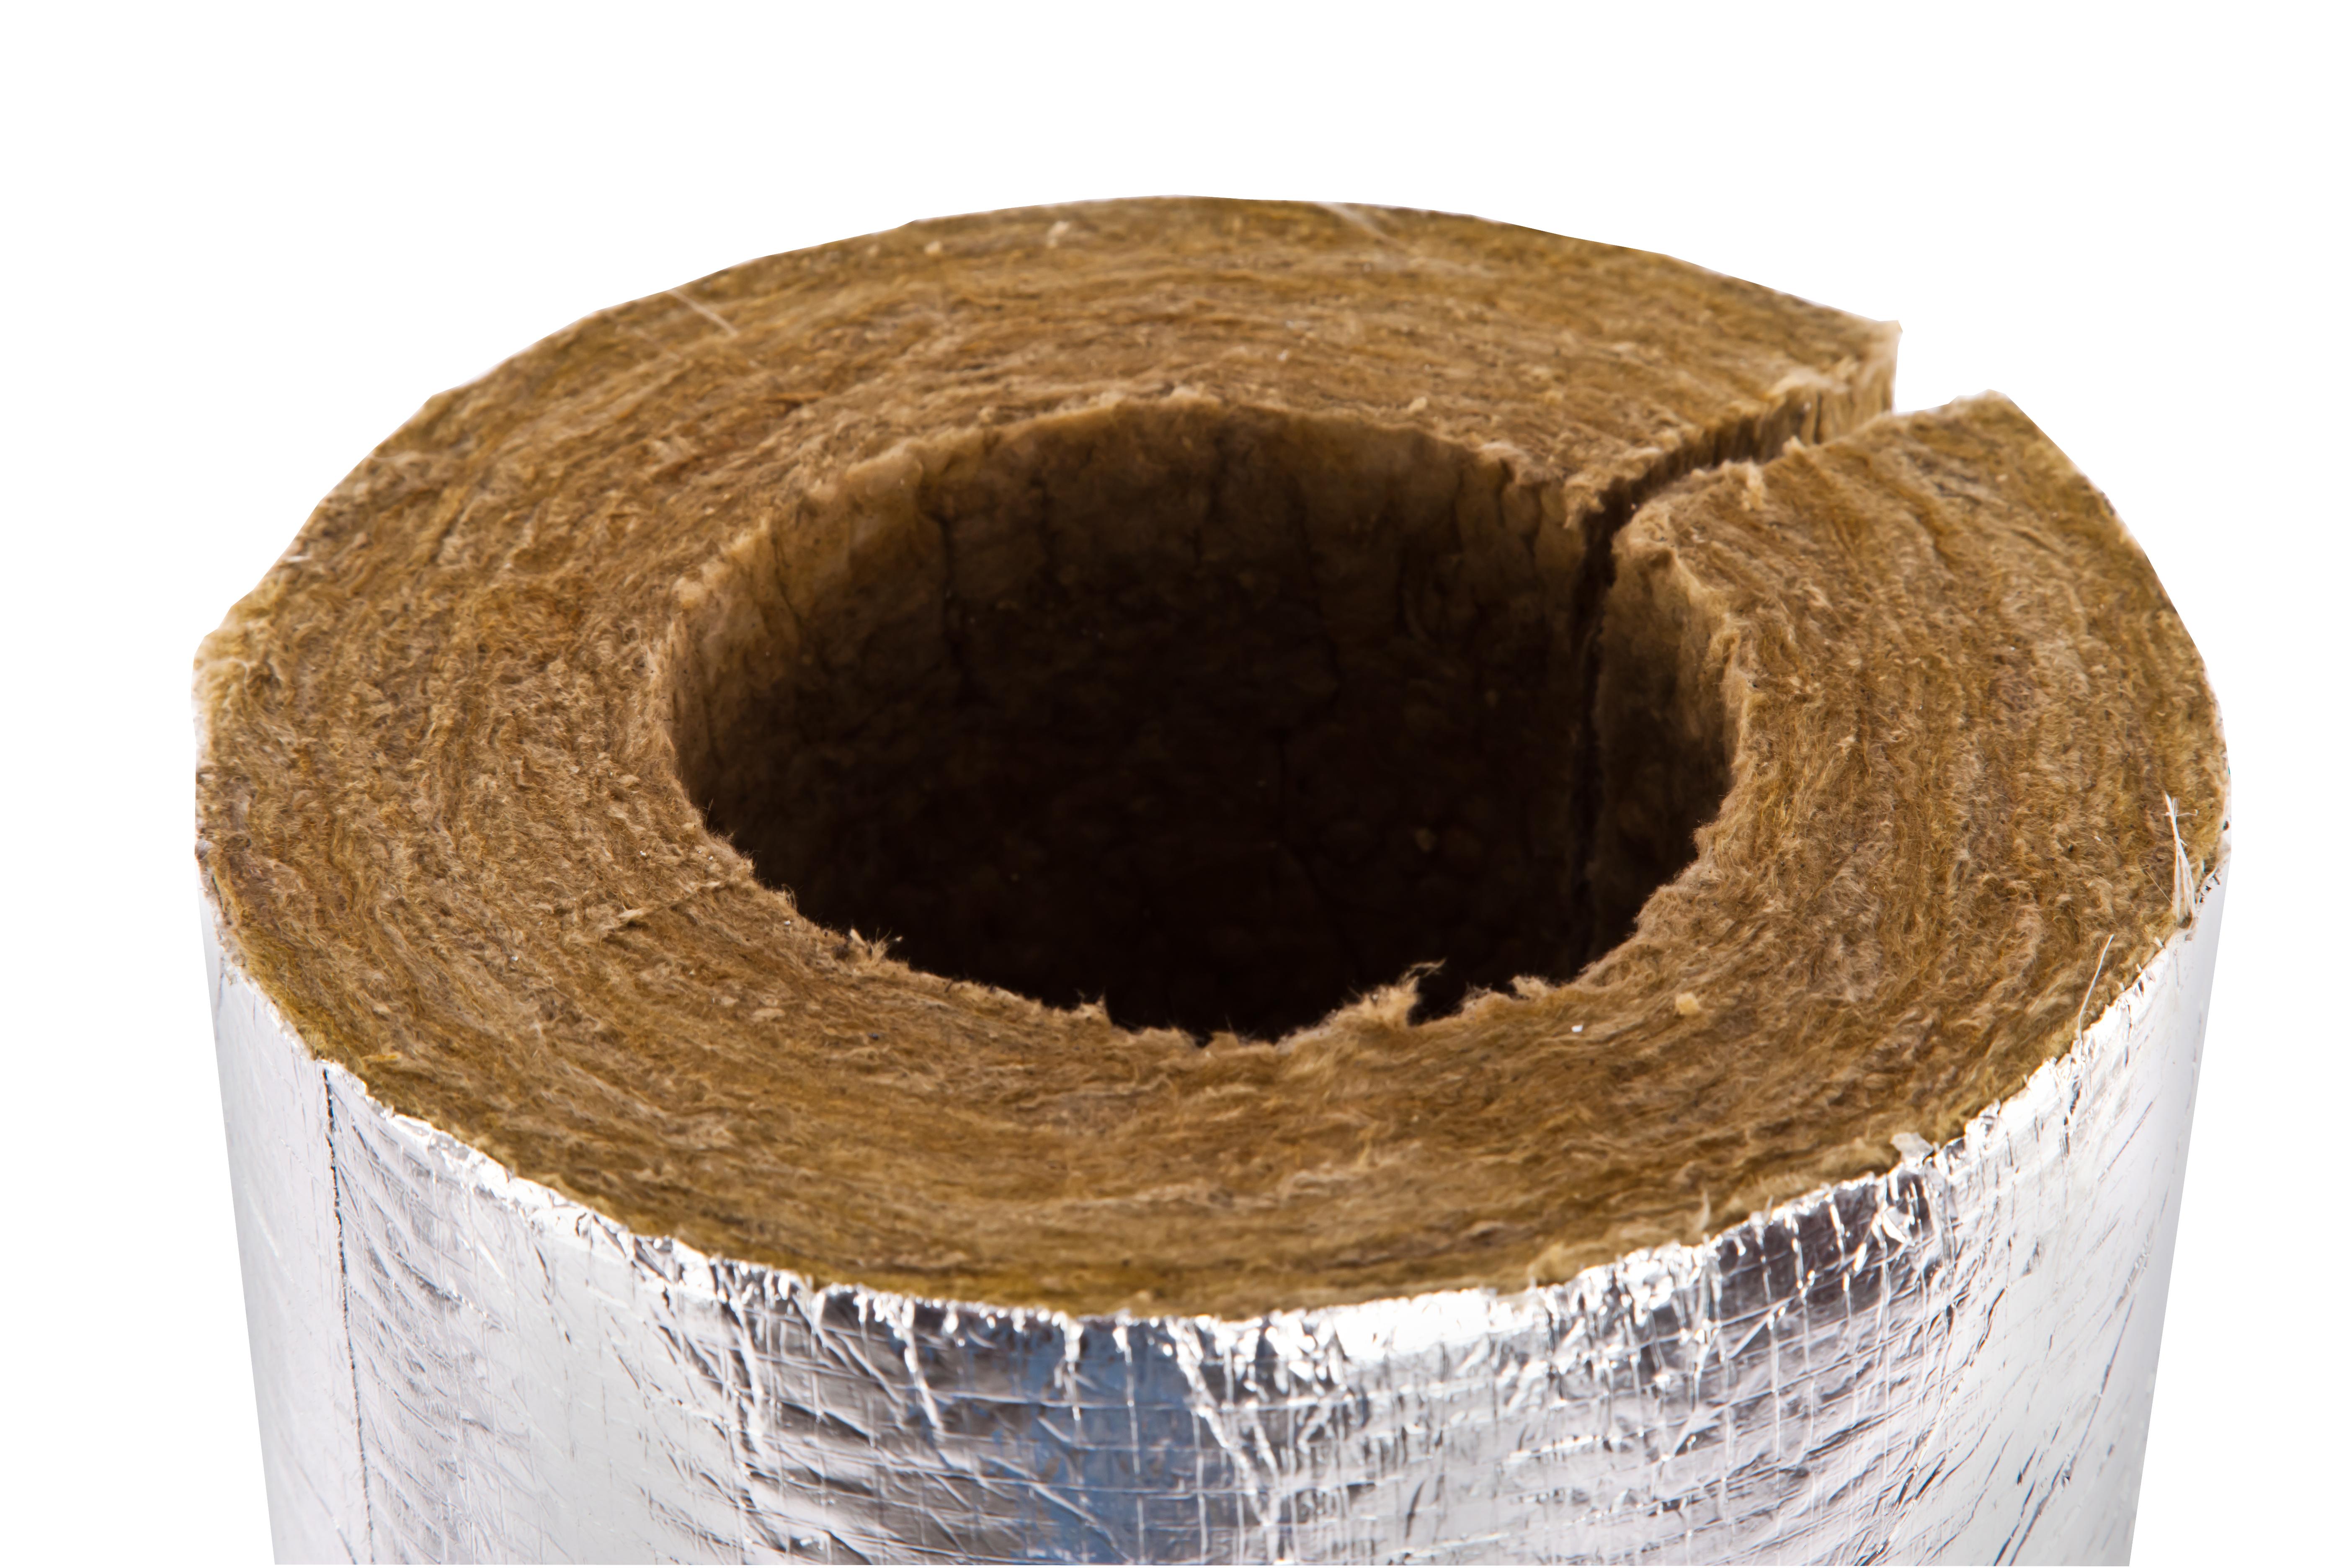 Негорючий утеплитель, огнеупорная теплоизоляция для стен и дымохода, жаростойкие материалы